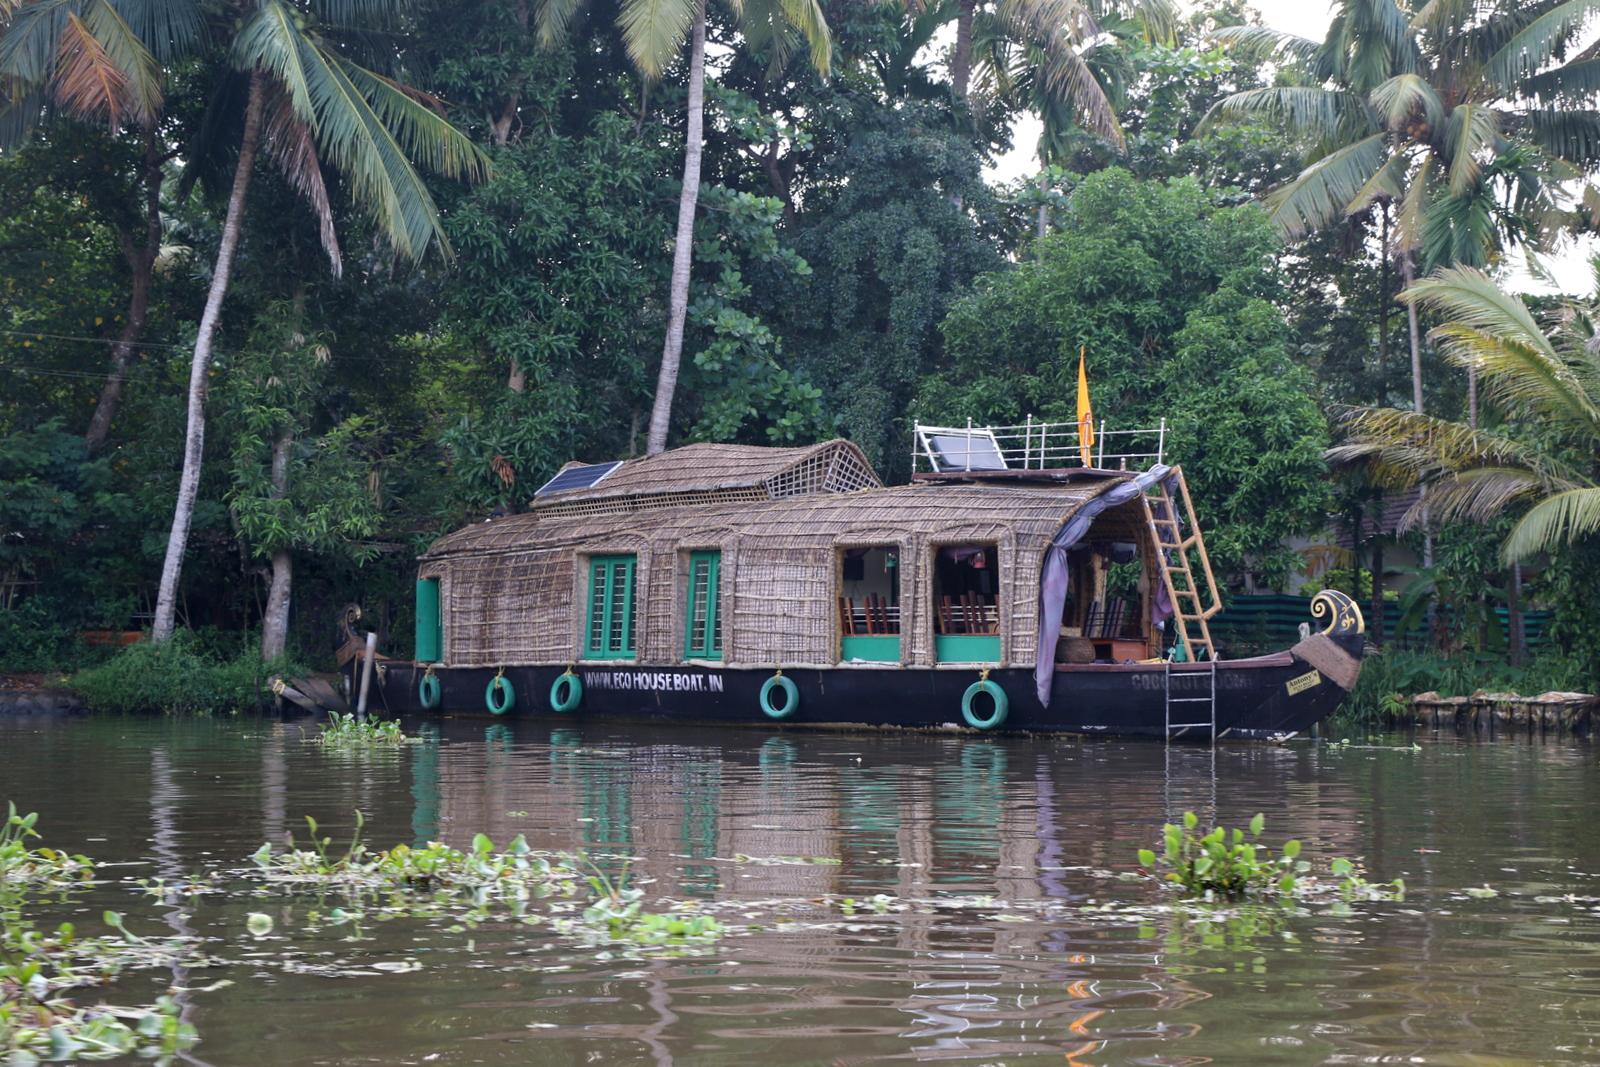 Paluumatkalla ohitimme ekologisen taloveneen, josta kiinnostuin. Ensi kerralla Keralassa vuokraamme kyllä tällaisen!